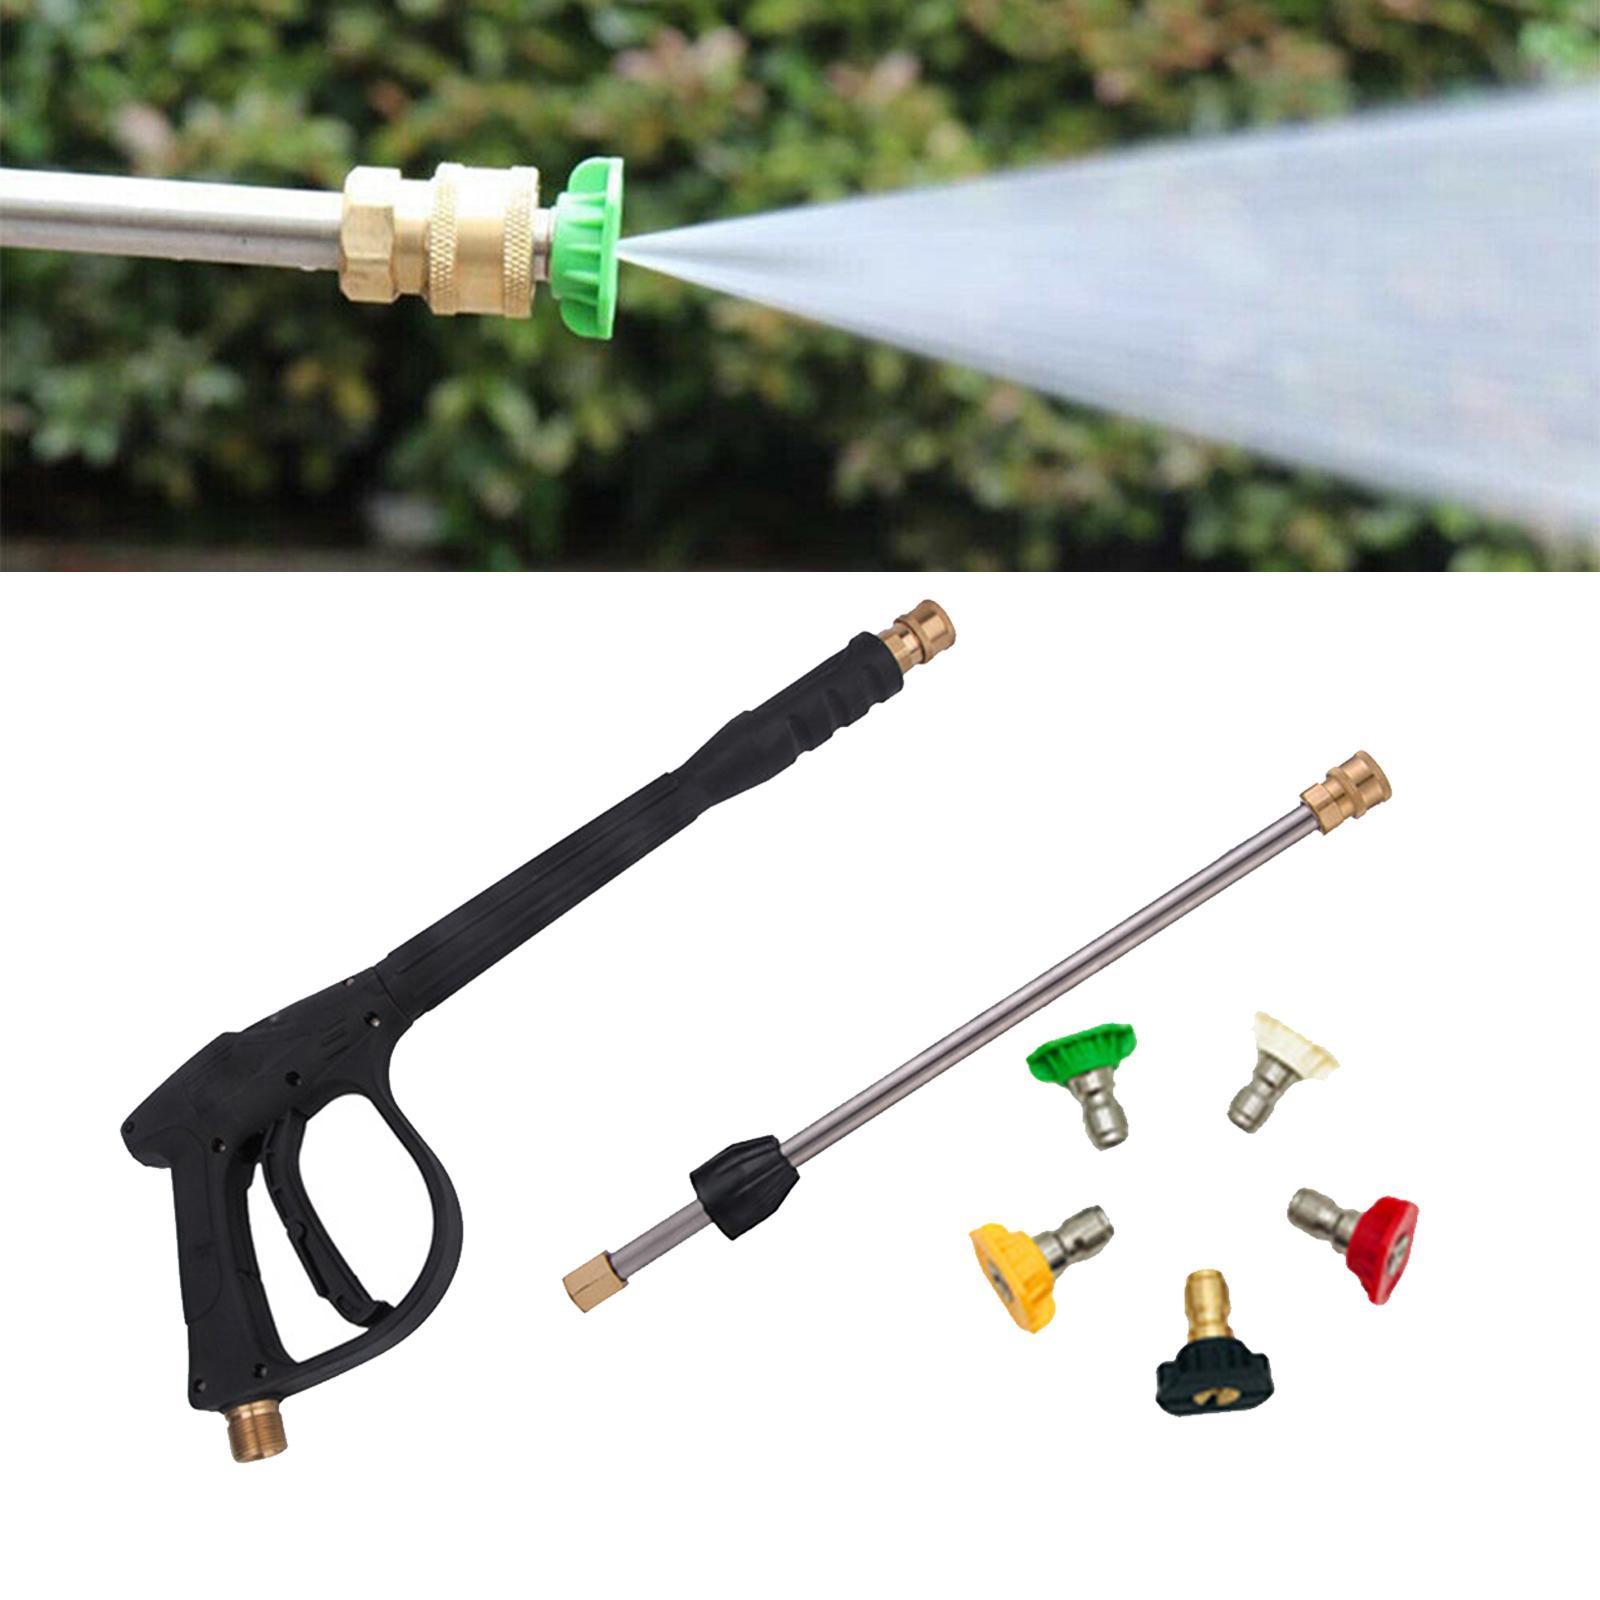 Indexbild 5 - Hochdruckreiniger Pistole Düse Zubehör Ersatzteile Teile Hochdruckpistole